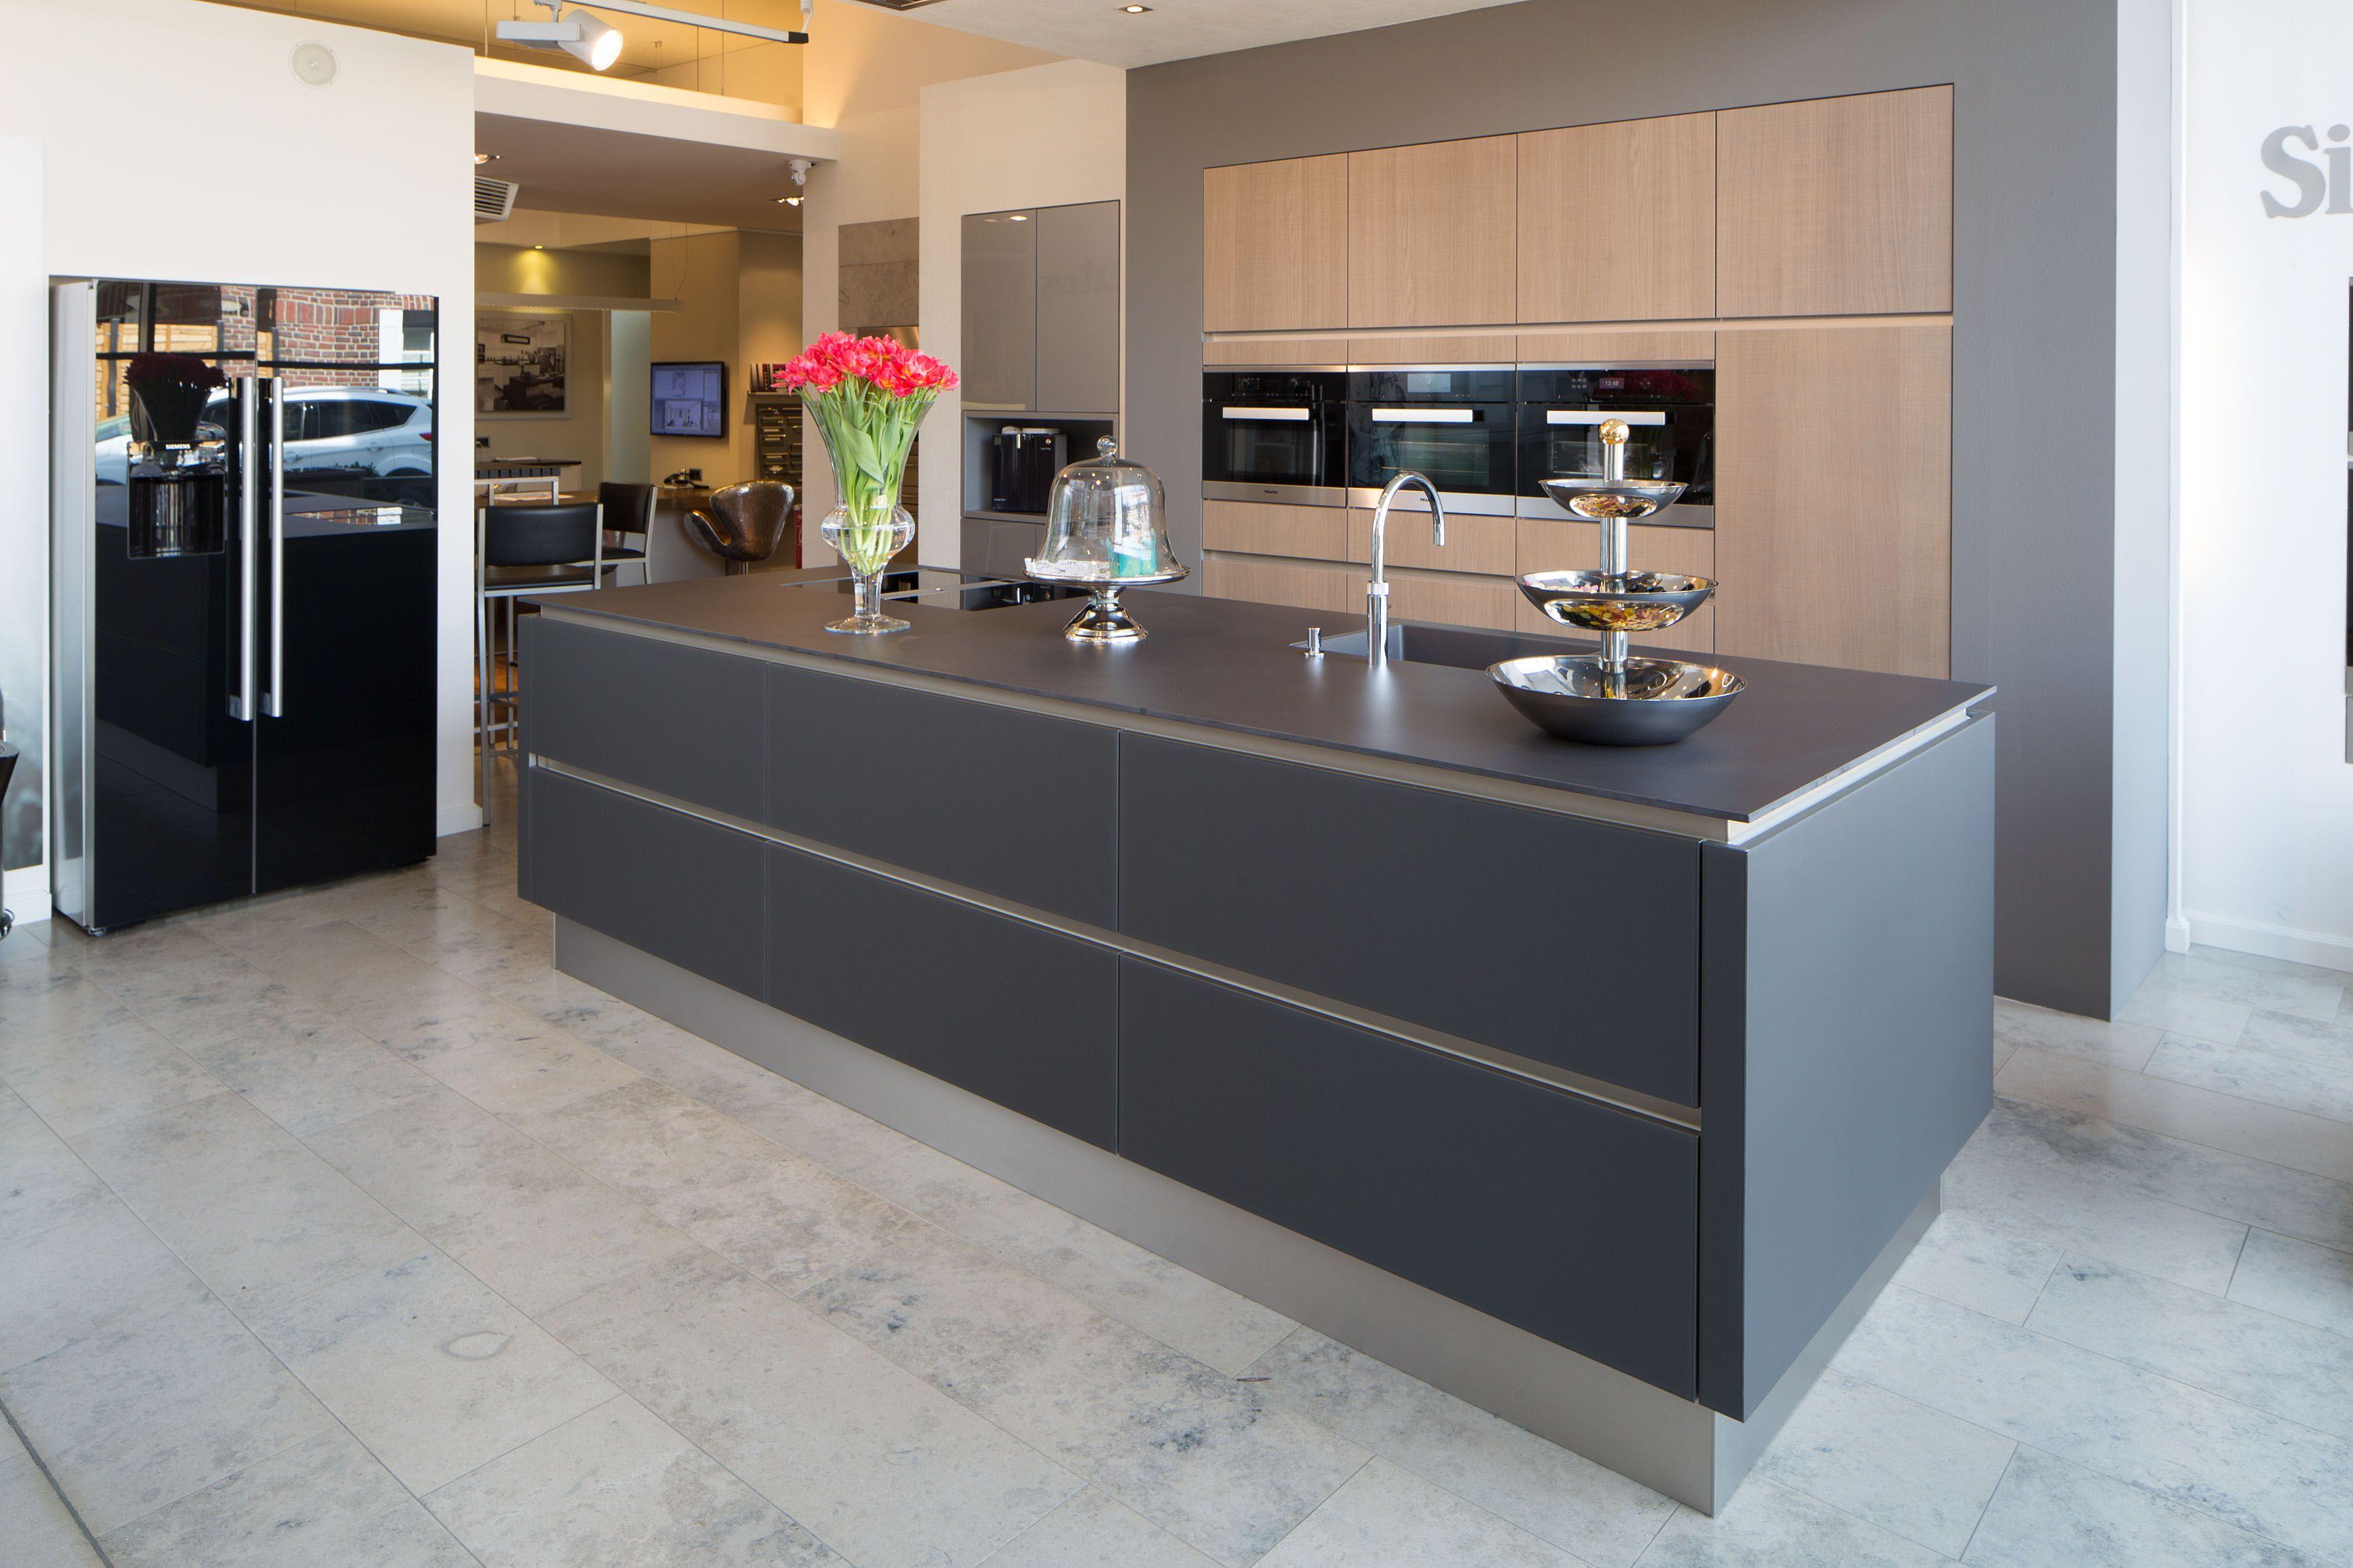 Küche schwarz Glas grifflos mit einer Keramik Arbeitsplatte in 12 ...